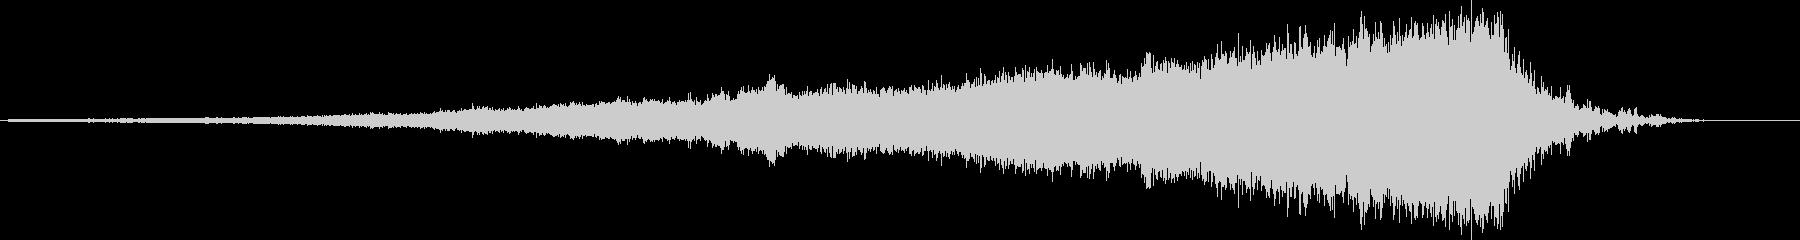 【ライザー】39 エピックサウンド 迫力の未再生の波形